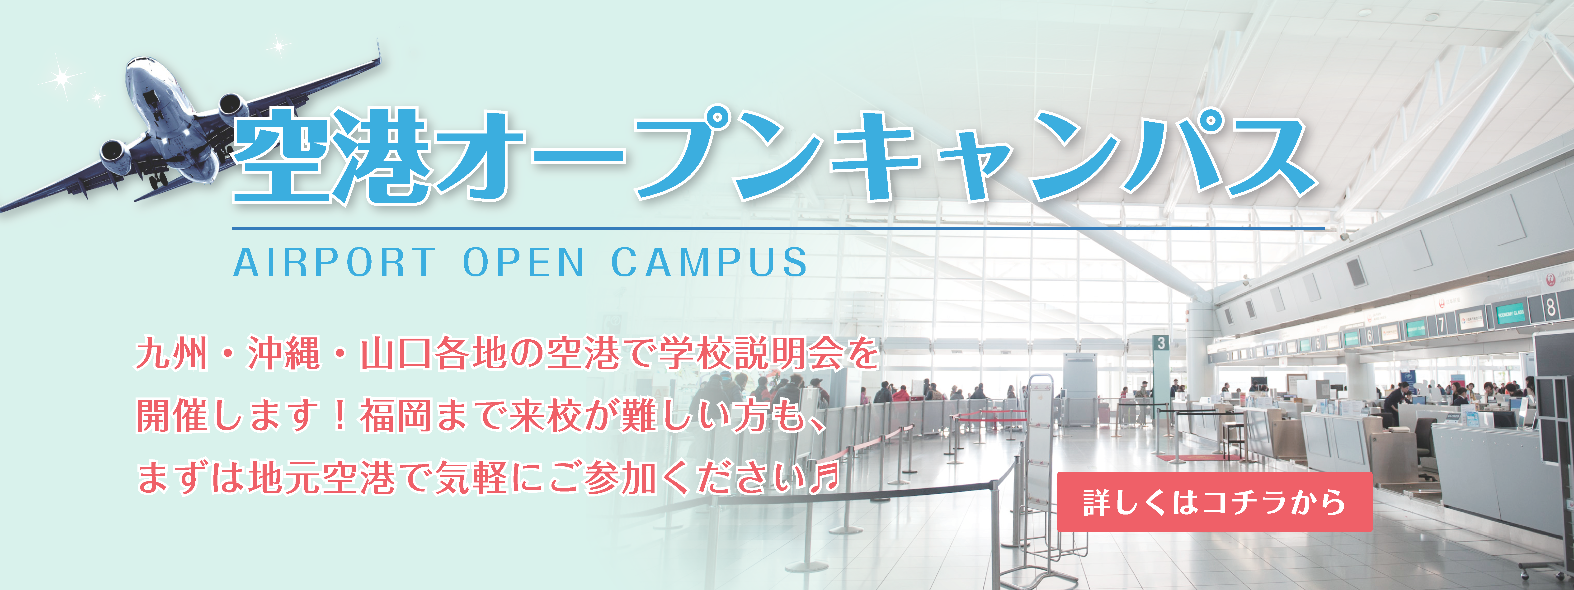 空港オープンキャパス